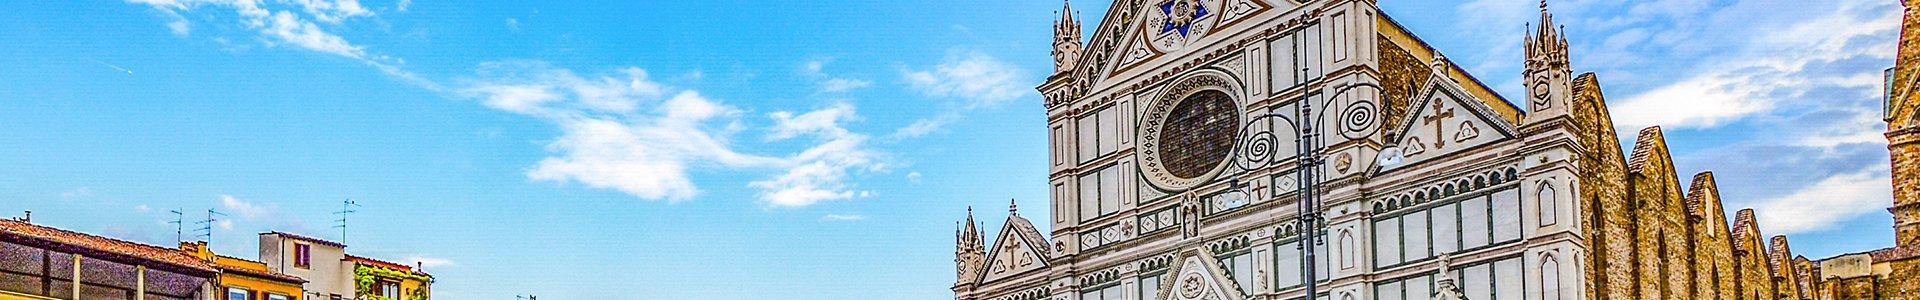 Kunstreis Florence, Italië